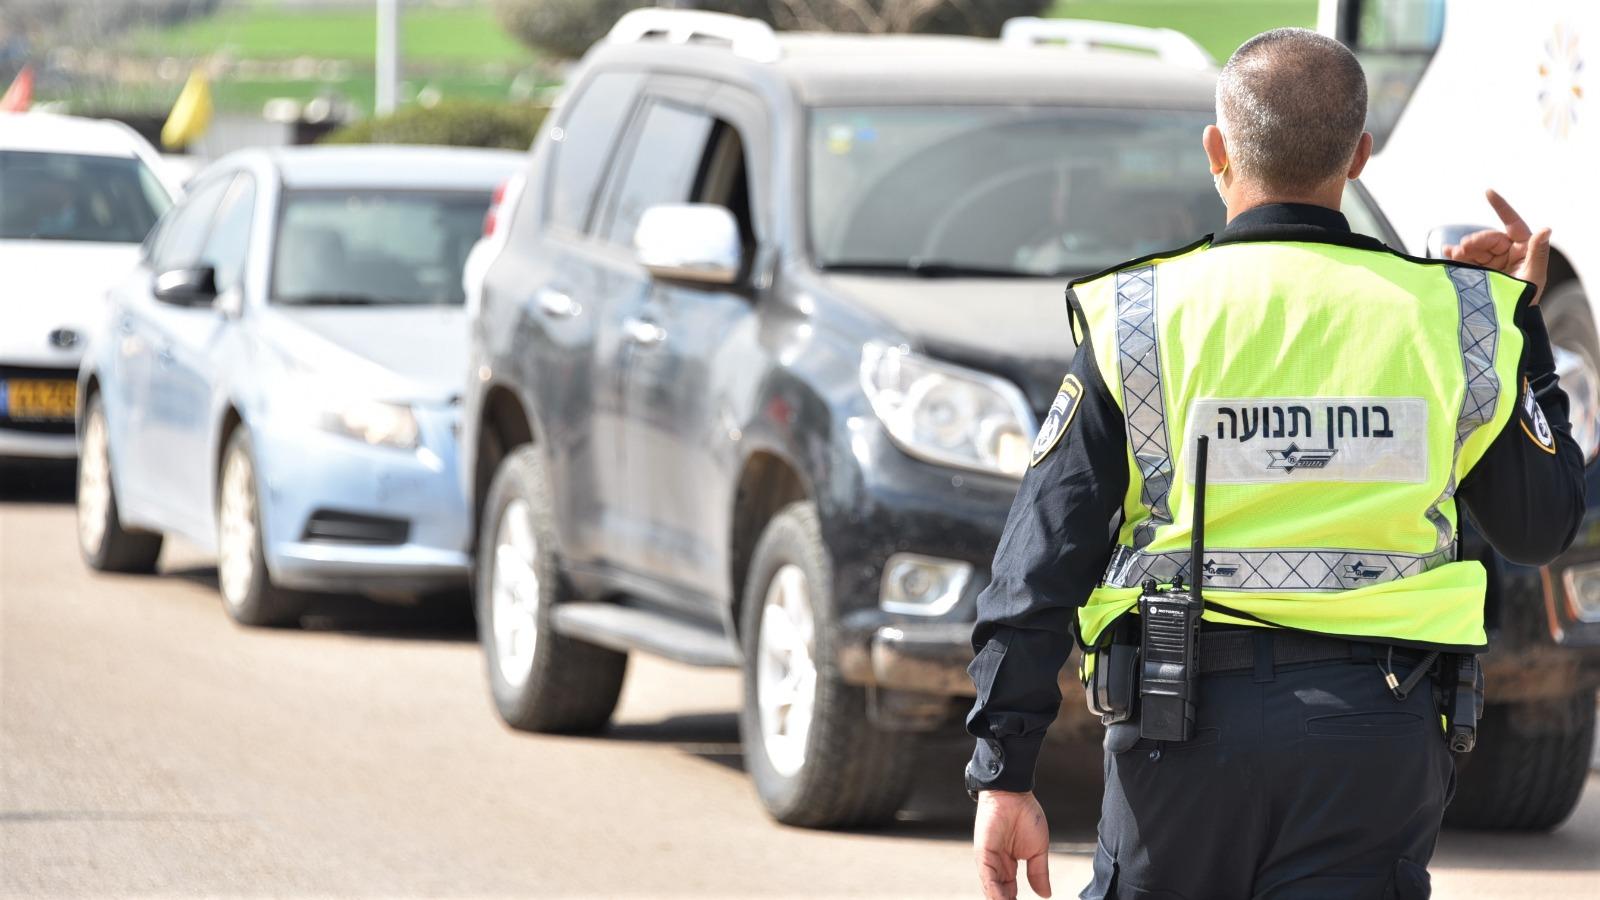 תושבת קריית שמונה בת 25 נעצרה לבדיקת רכב והתברר שלא הוציאה רישיון מעולם, הנהגת עוכבה לחקירה ורכבה הושבת